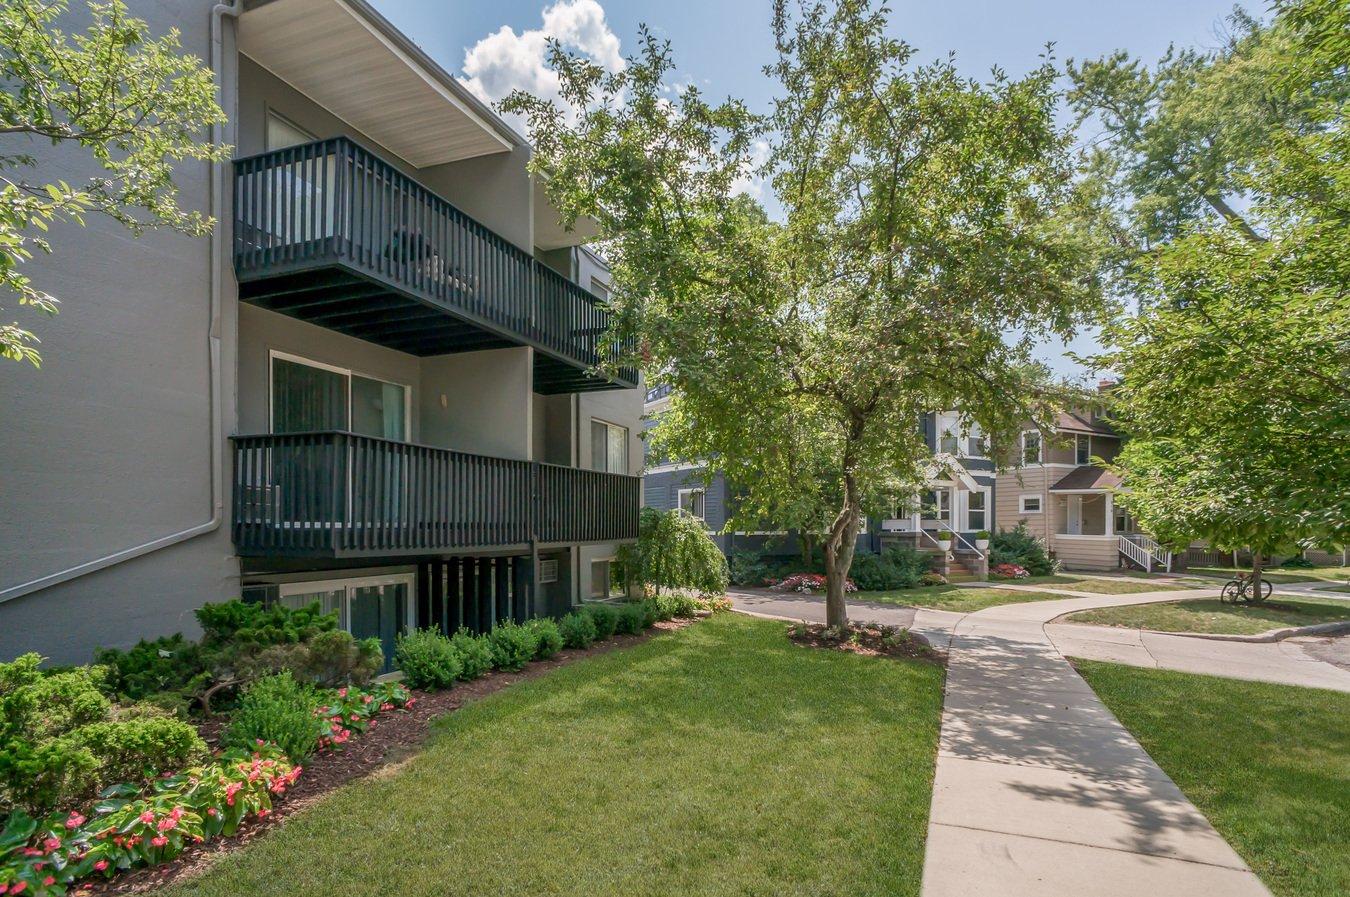 1 Bedroom 1 Bathroom Apartment for rent at 824 Mckinley Avenue in Ann Arbor, MI